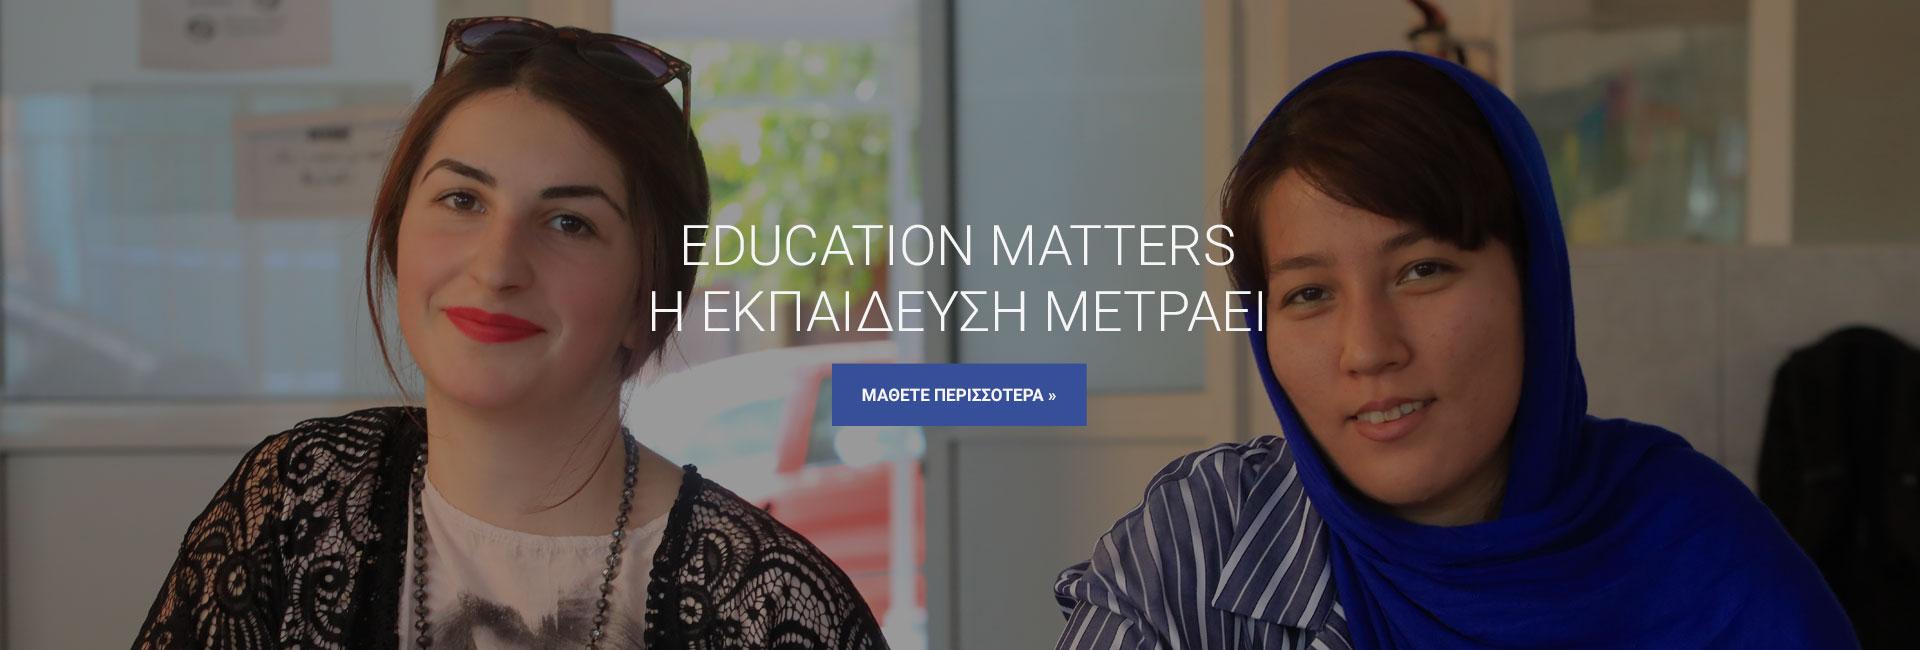 edu-matters-gr